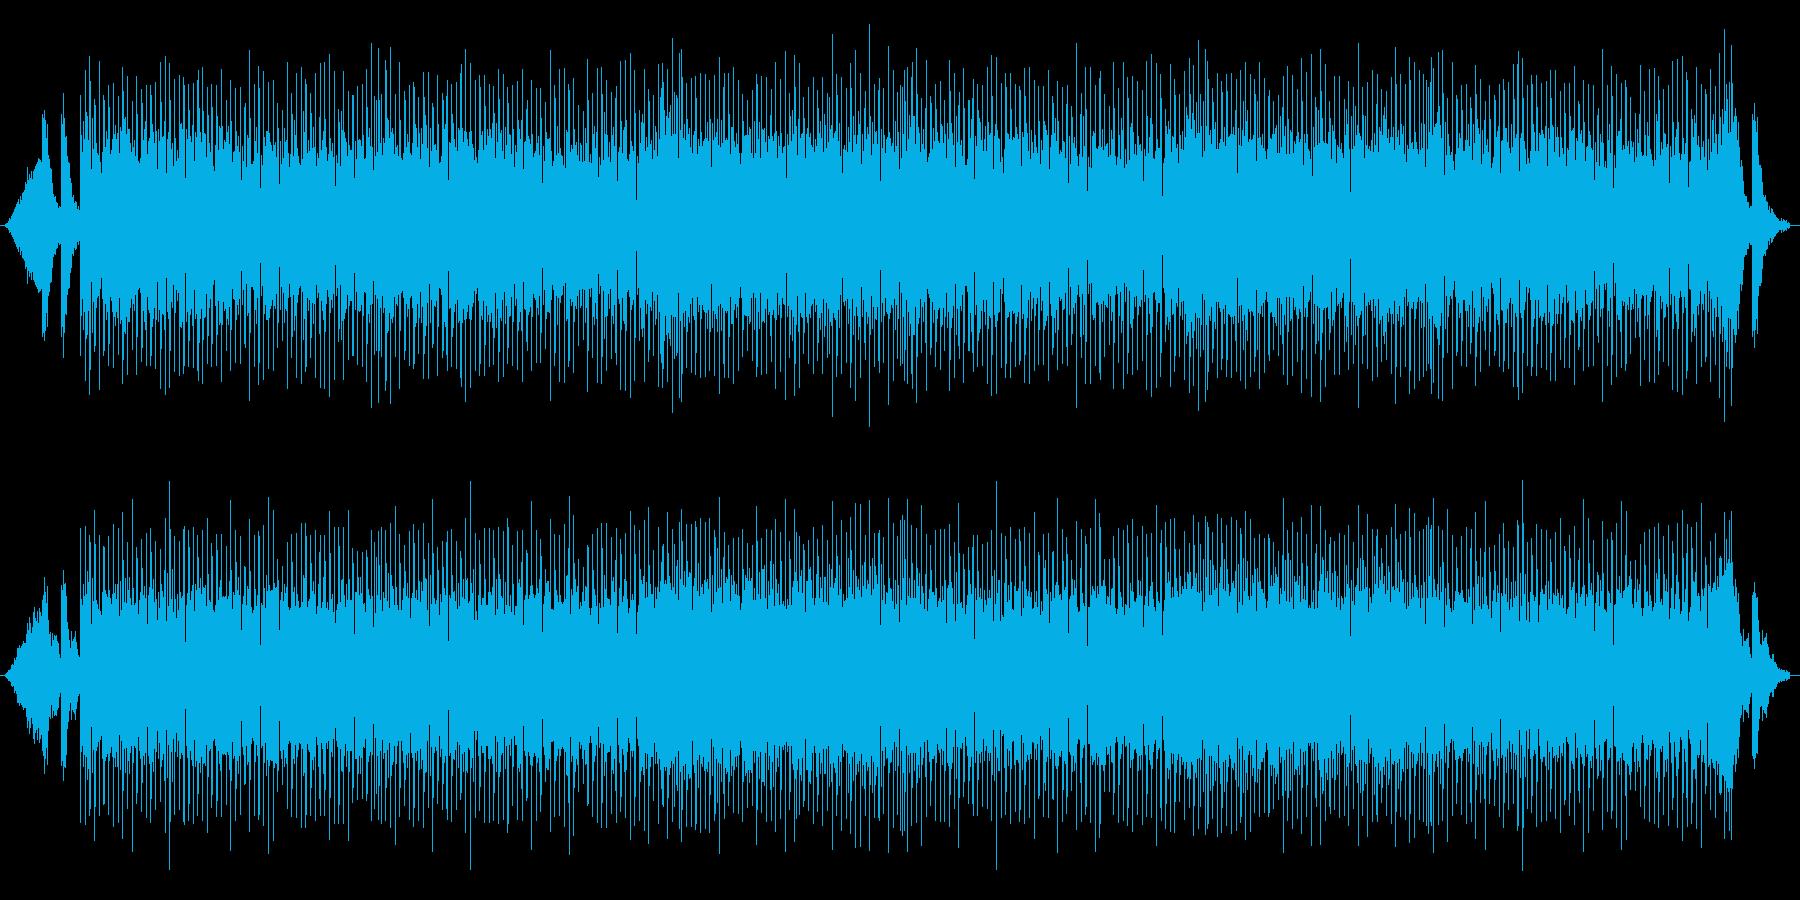 ハロウィーンを意識したテクノの再生済みの波形